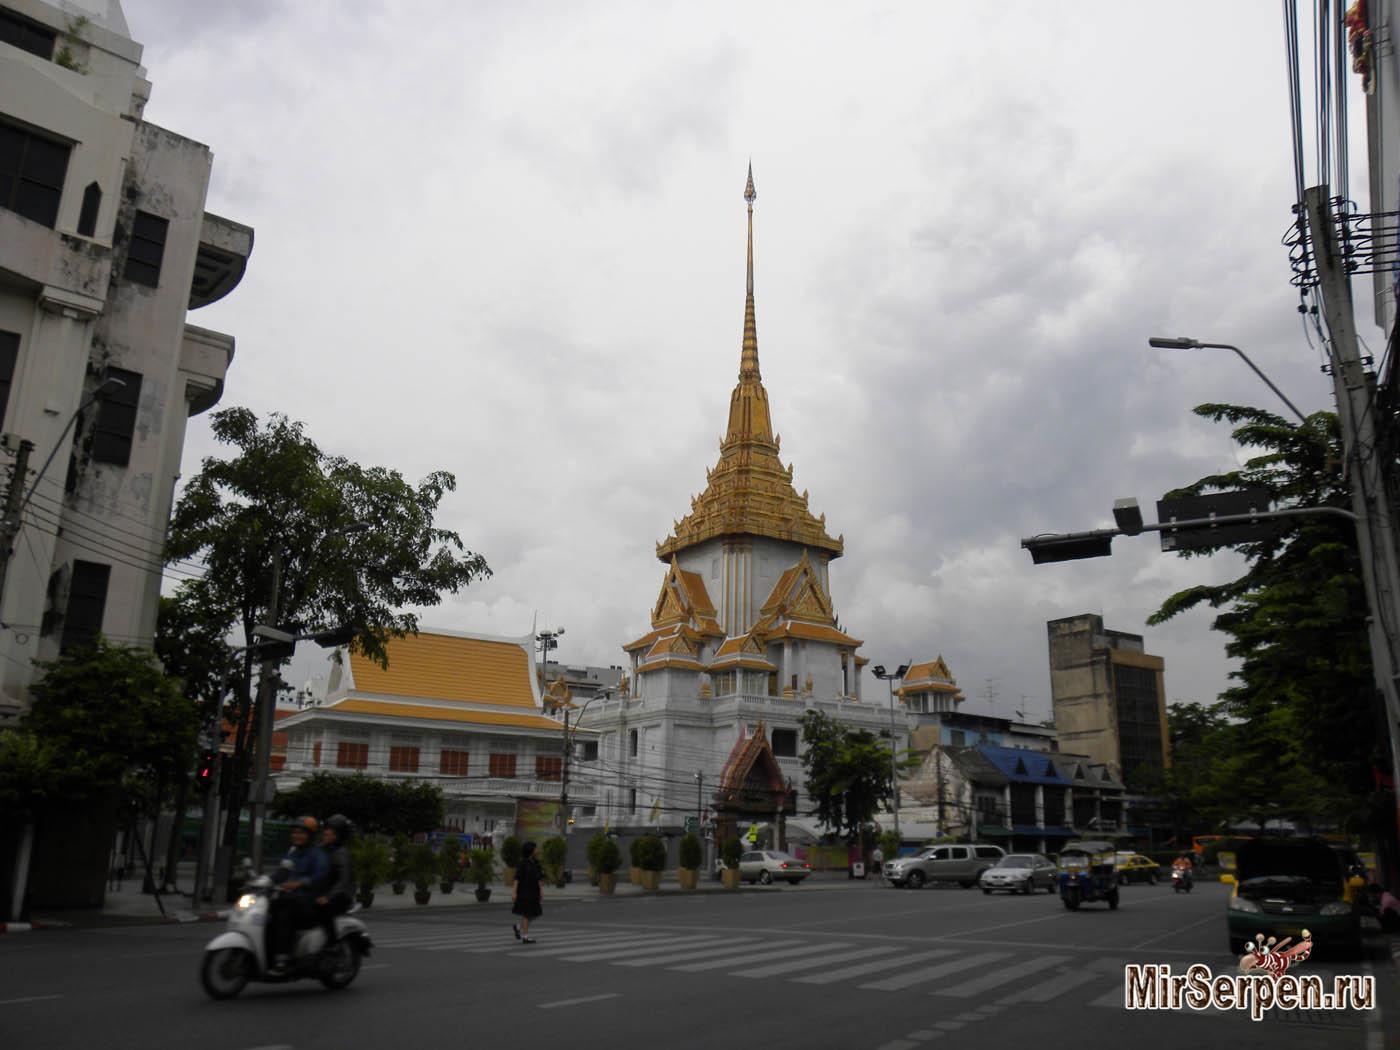 Как российский ТВ-канал снимал репортаж про дождь в Бангкоке